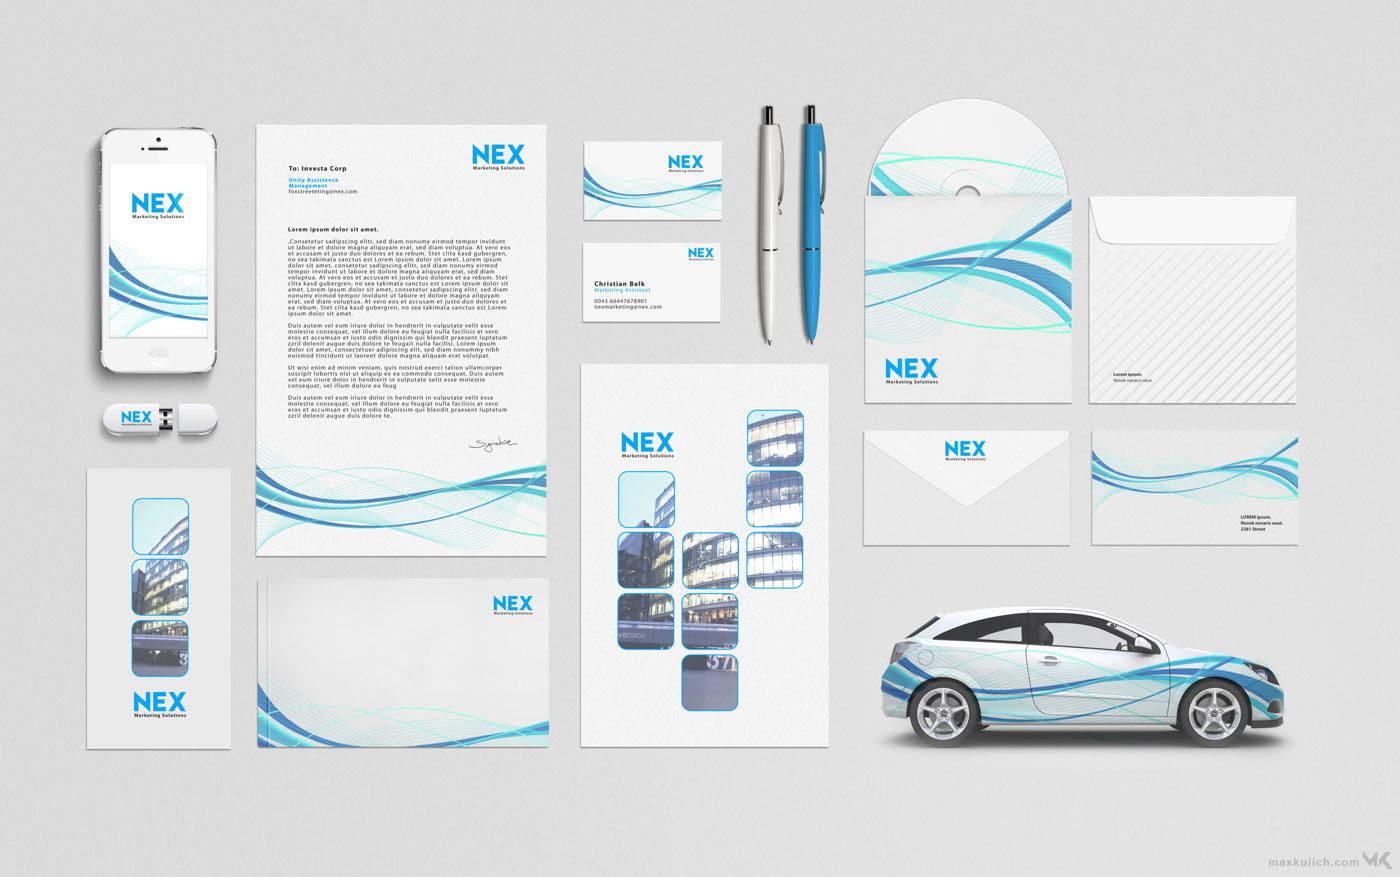 GraphicDesign_Branding_MaxKulich_07